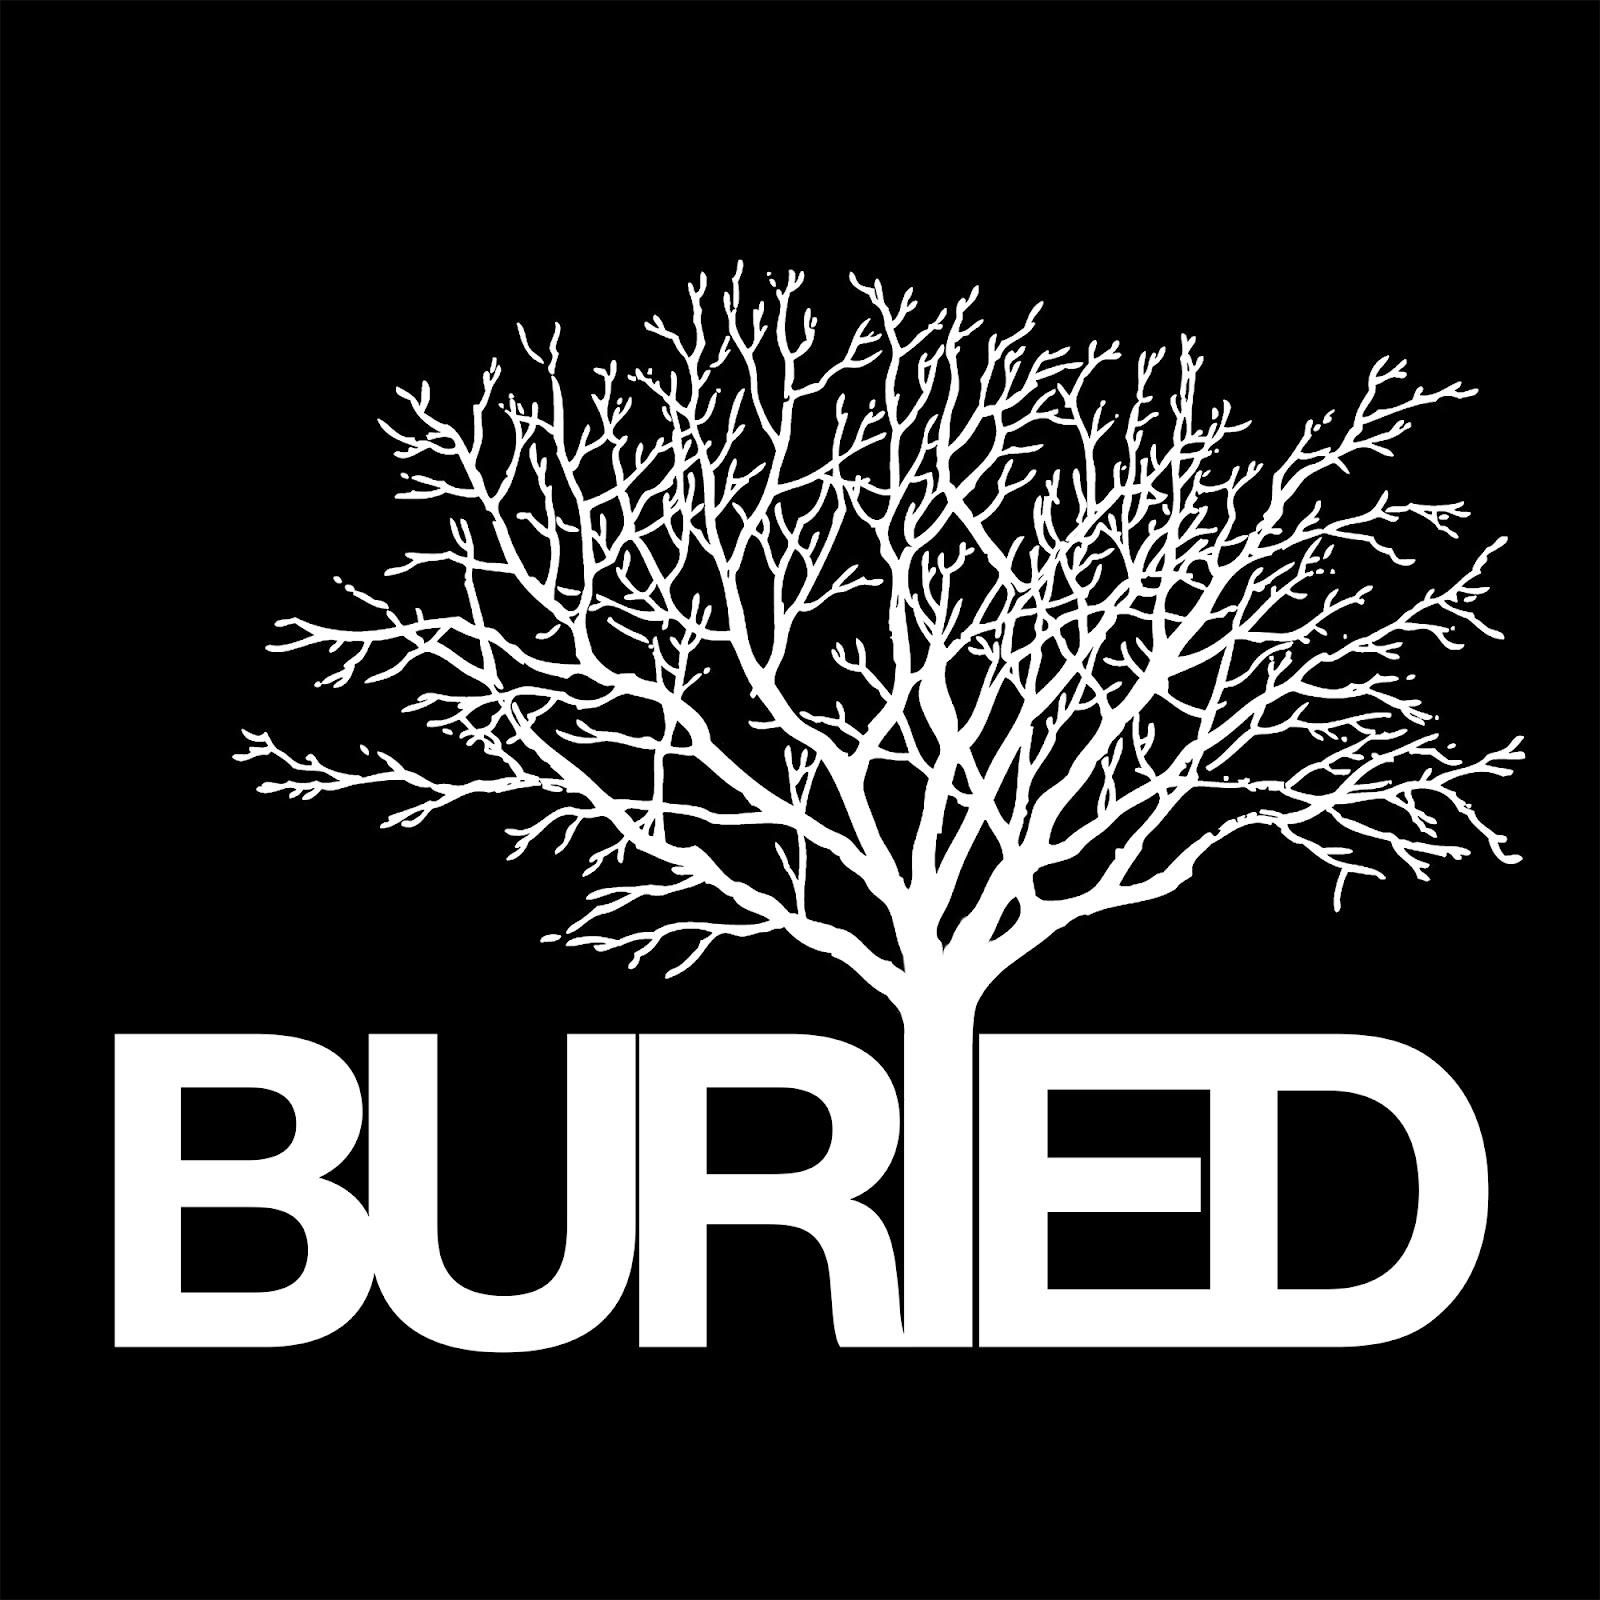 buried_logo.jpg